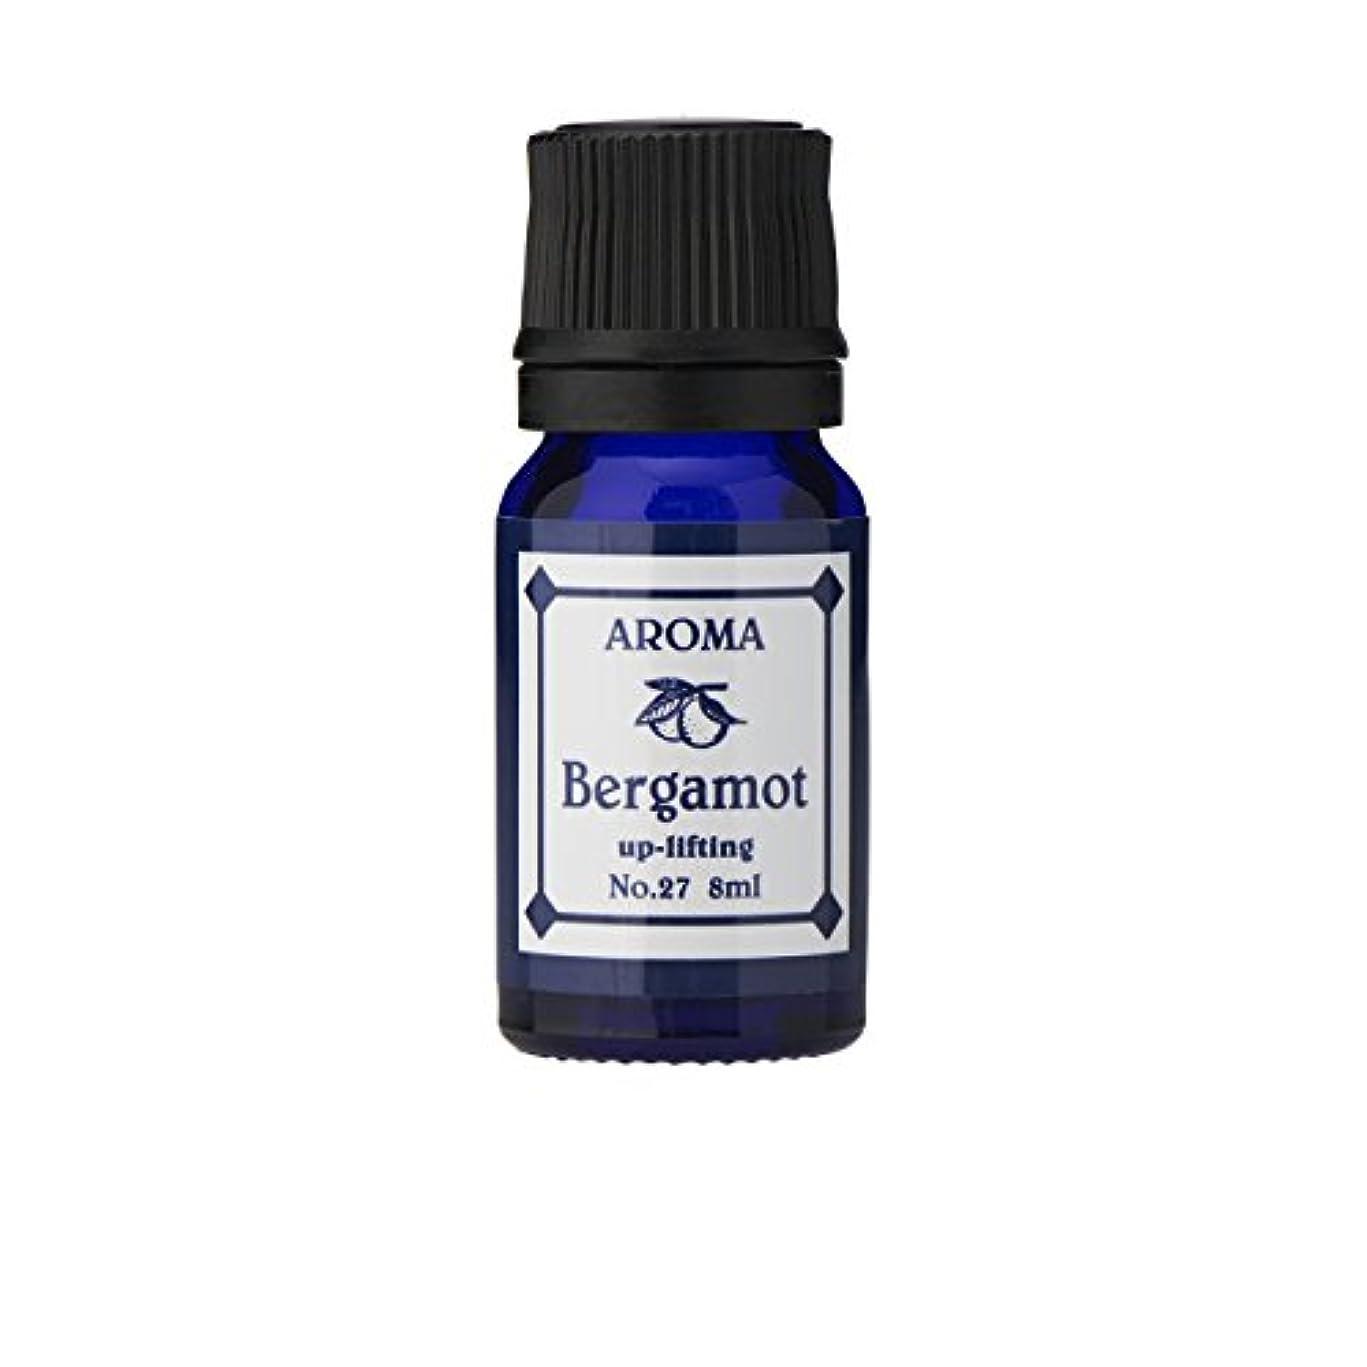 平日病おなかがすいたブルーラベル アロマエッセンス8ml ベルガモット(アロマオイル 調合香料 芳香用)